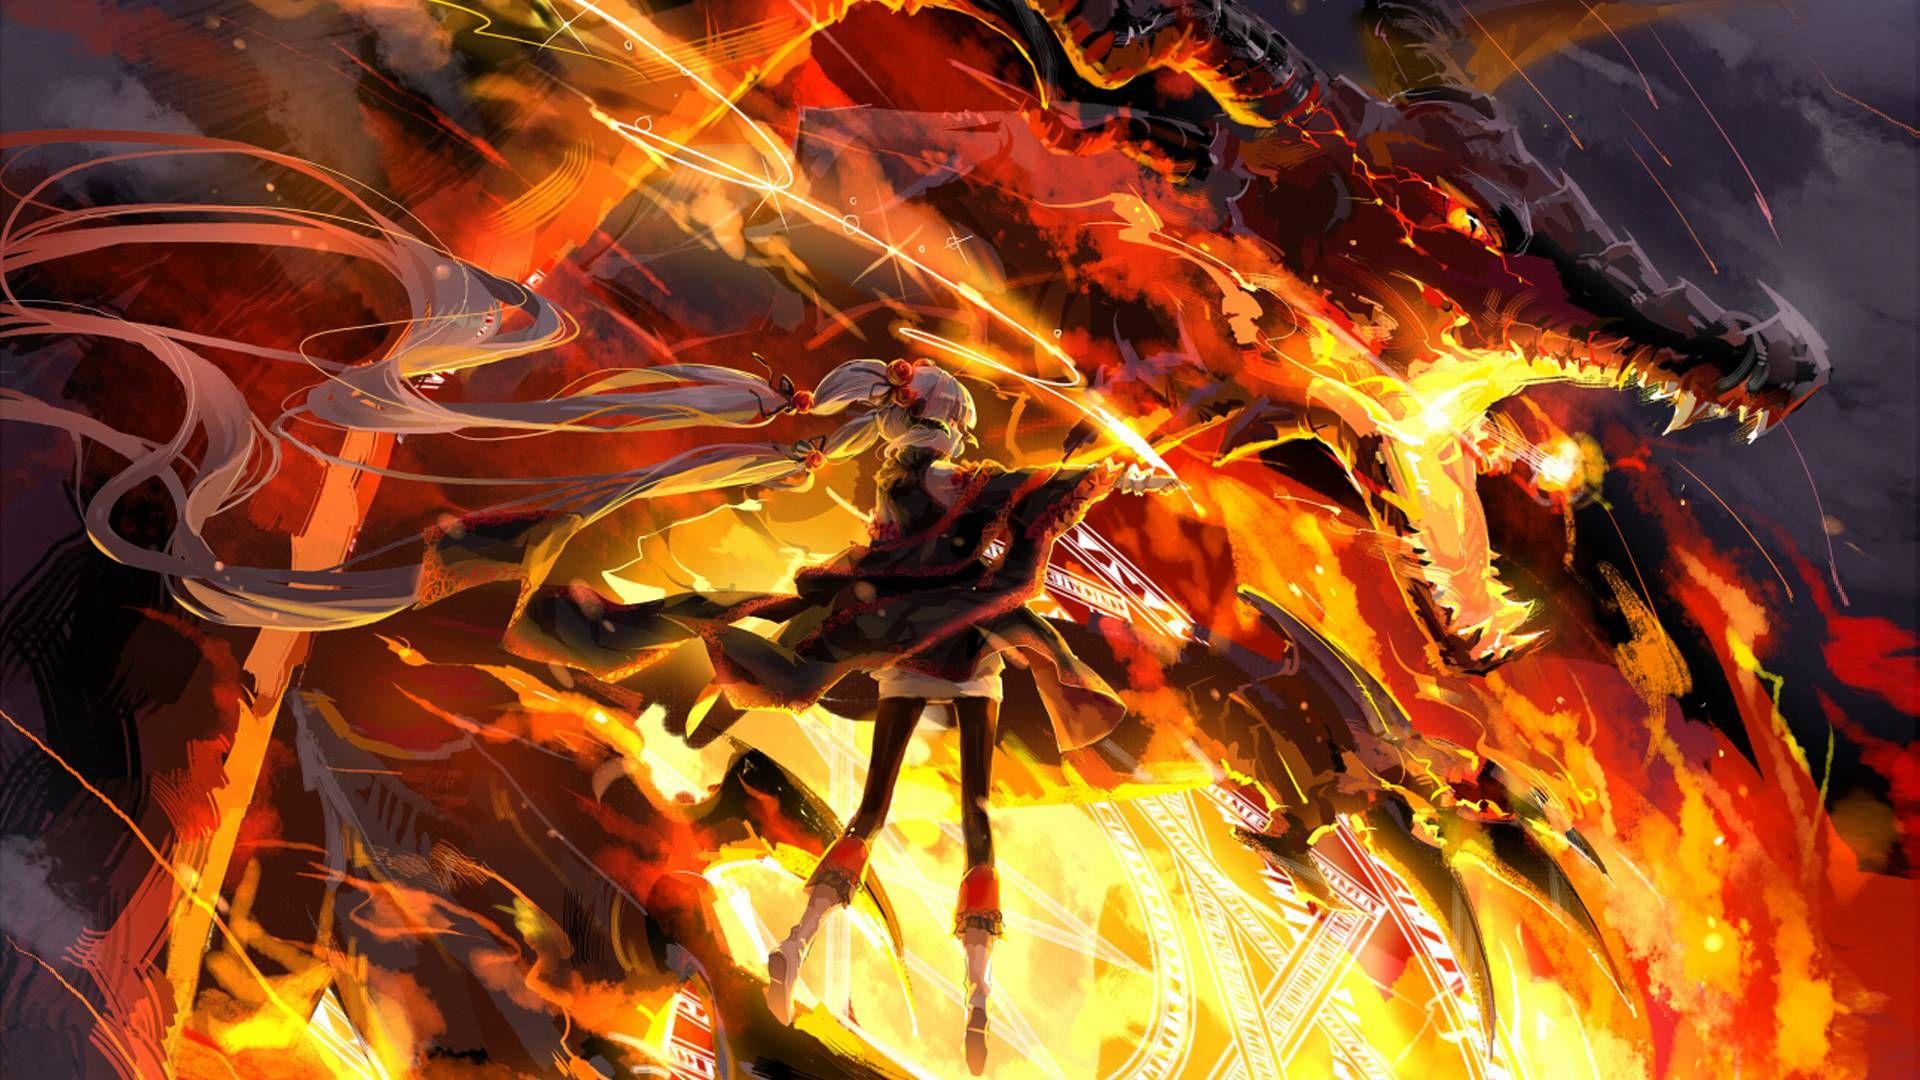 Epic Anime Backgrounds Sdeerwallpaper Anime Wallpaper 1920x1080 Anime Tapete Gaara